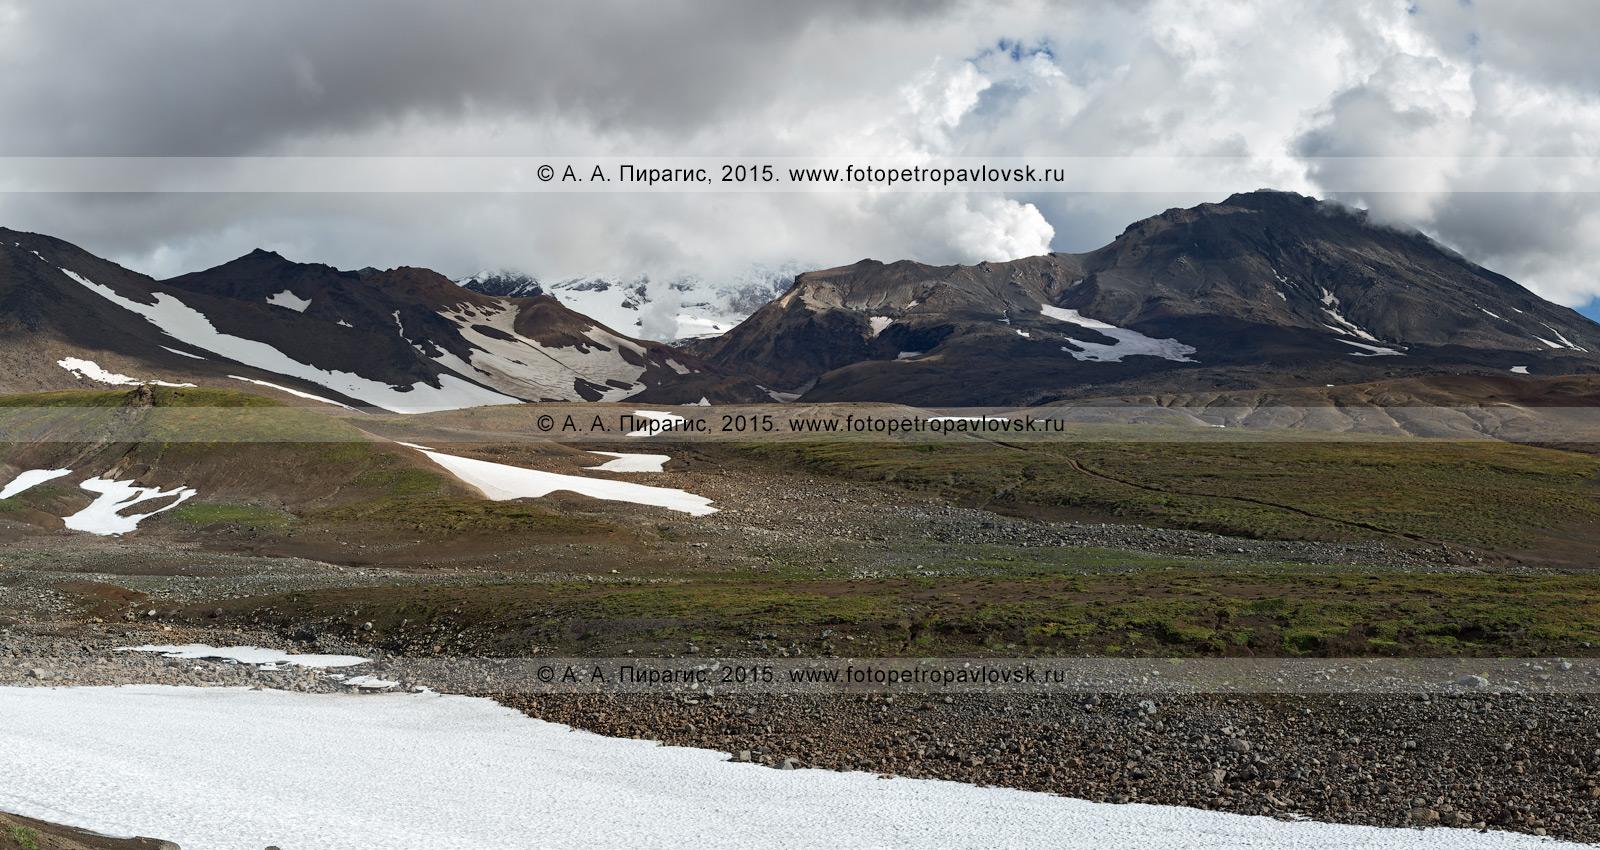 Фотография: живописная панорама — вид на Мутновский вулканический массив на полуострове Камчатка